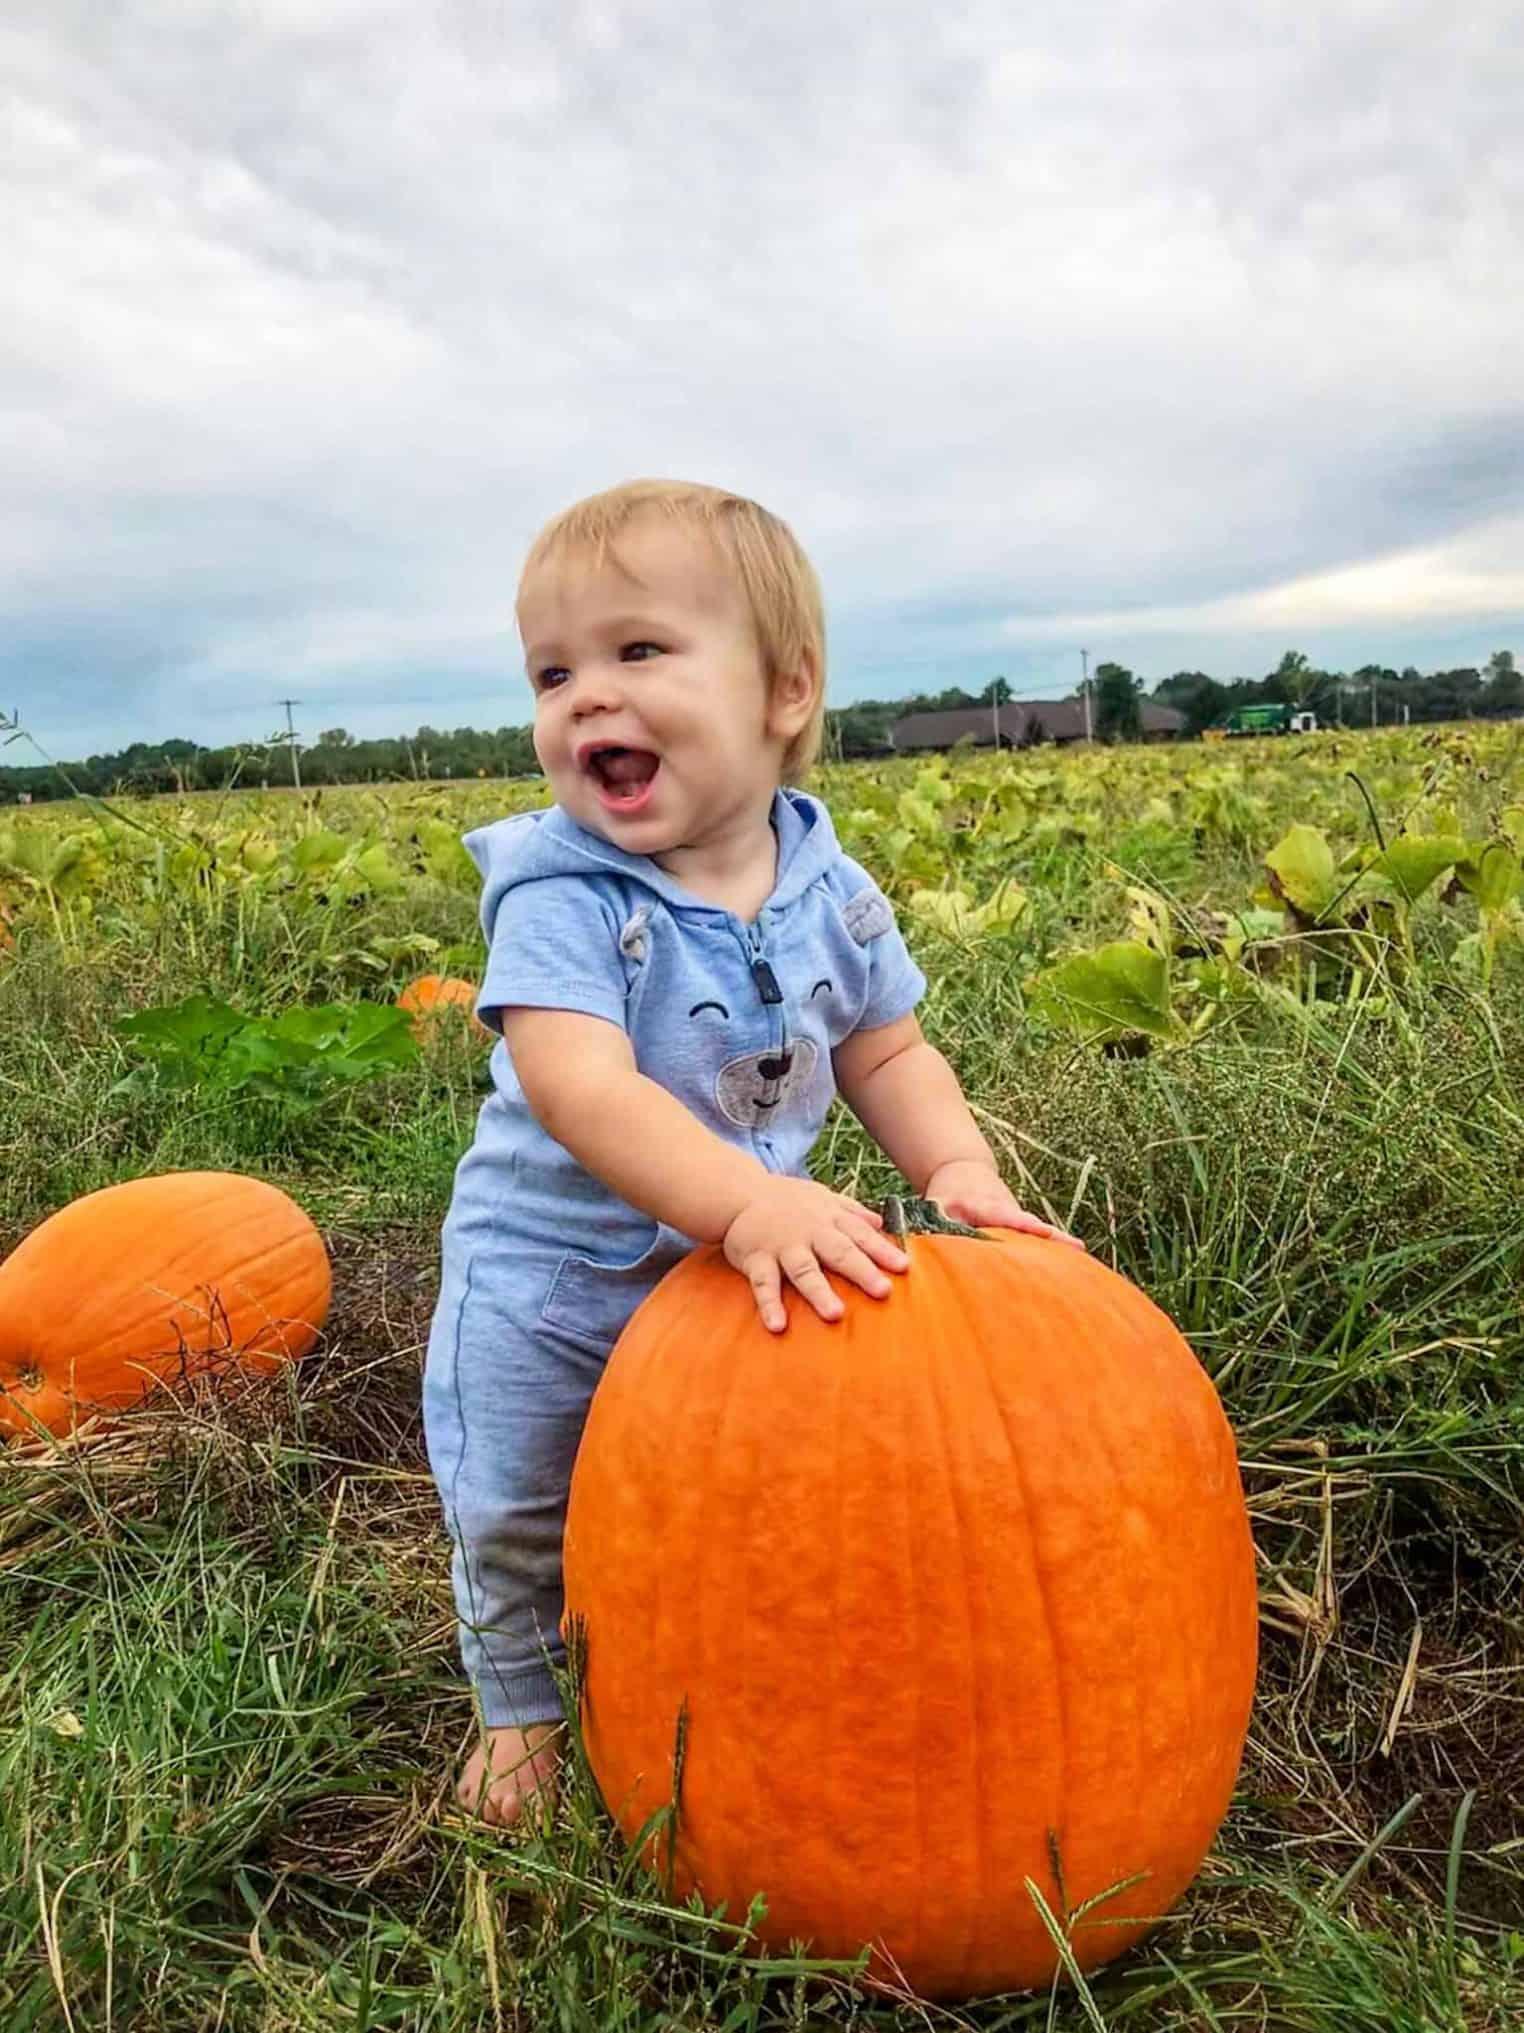 Picking Pumpkins at Eckert's Farm